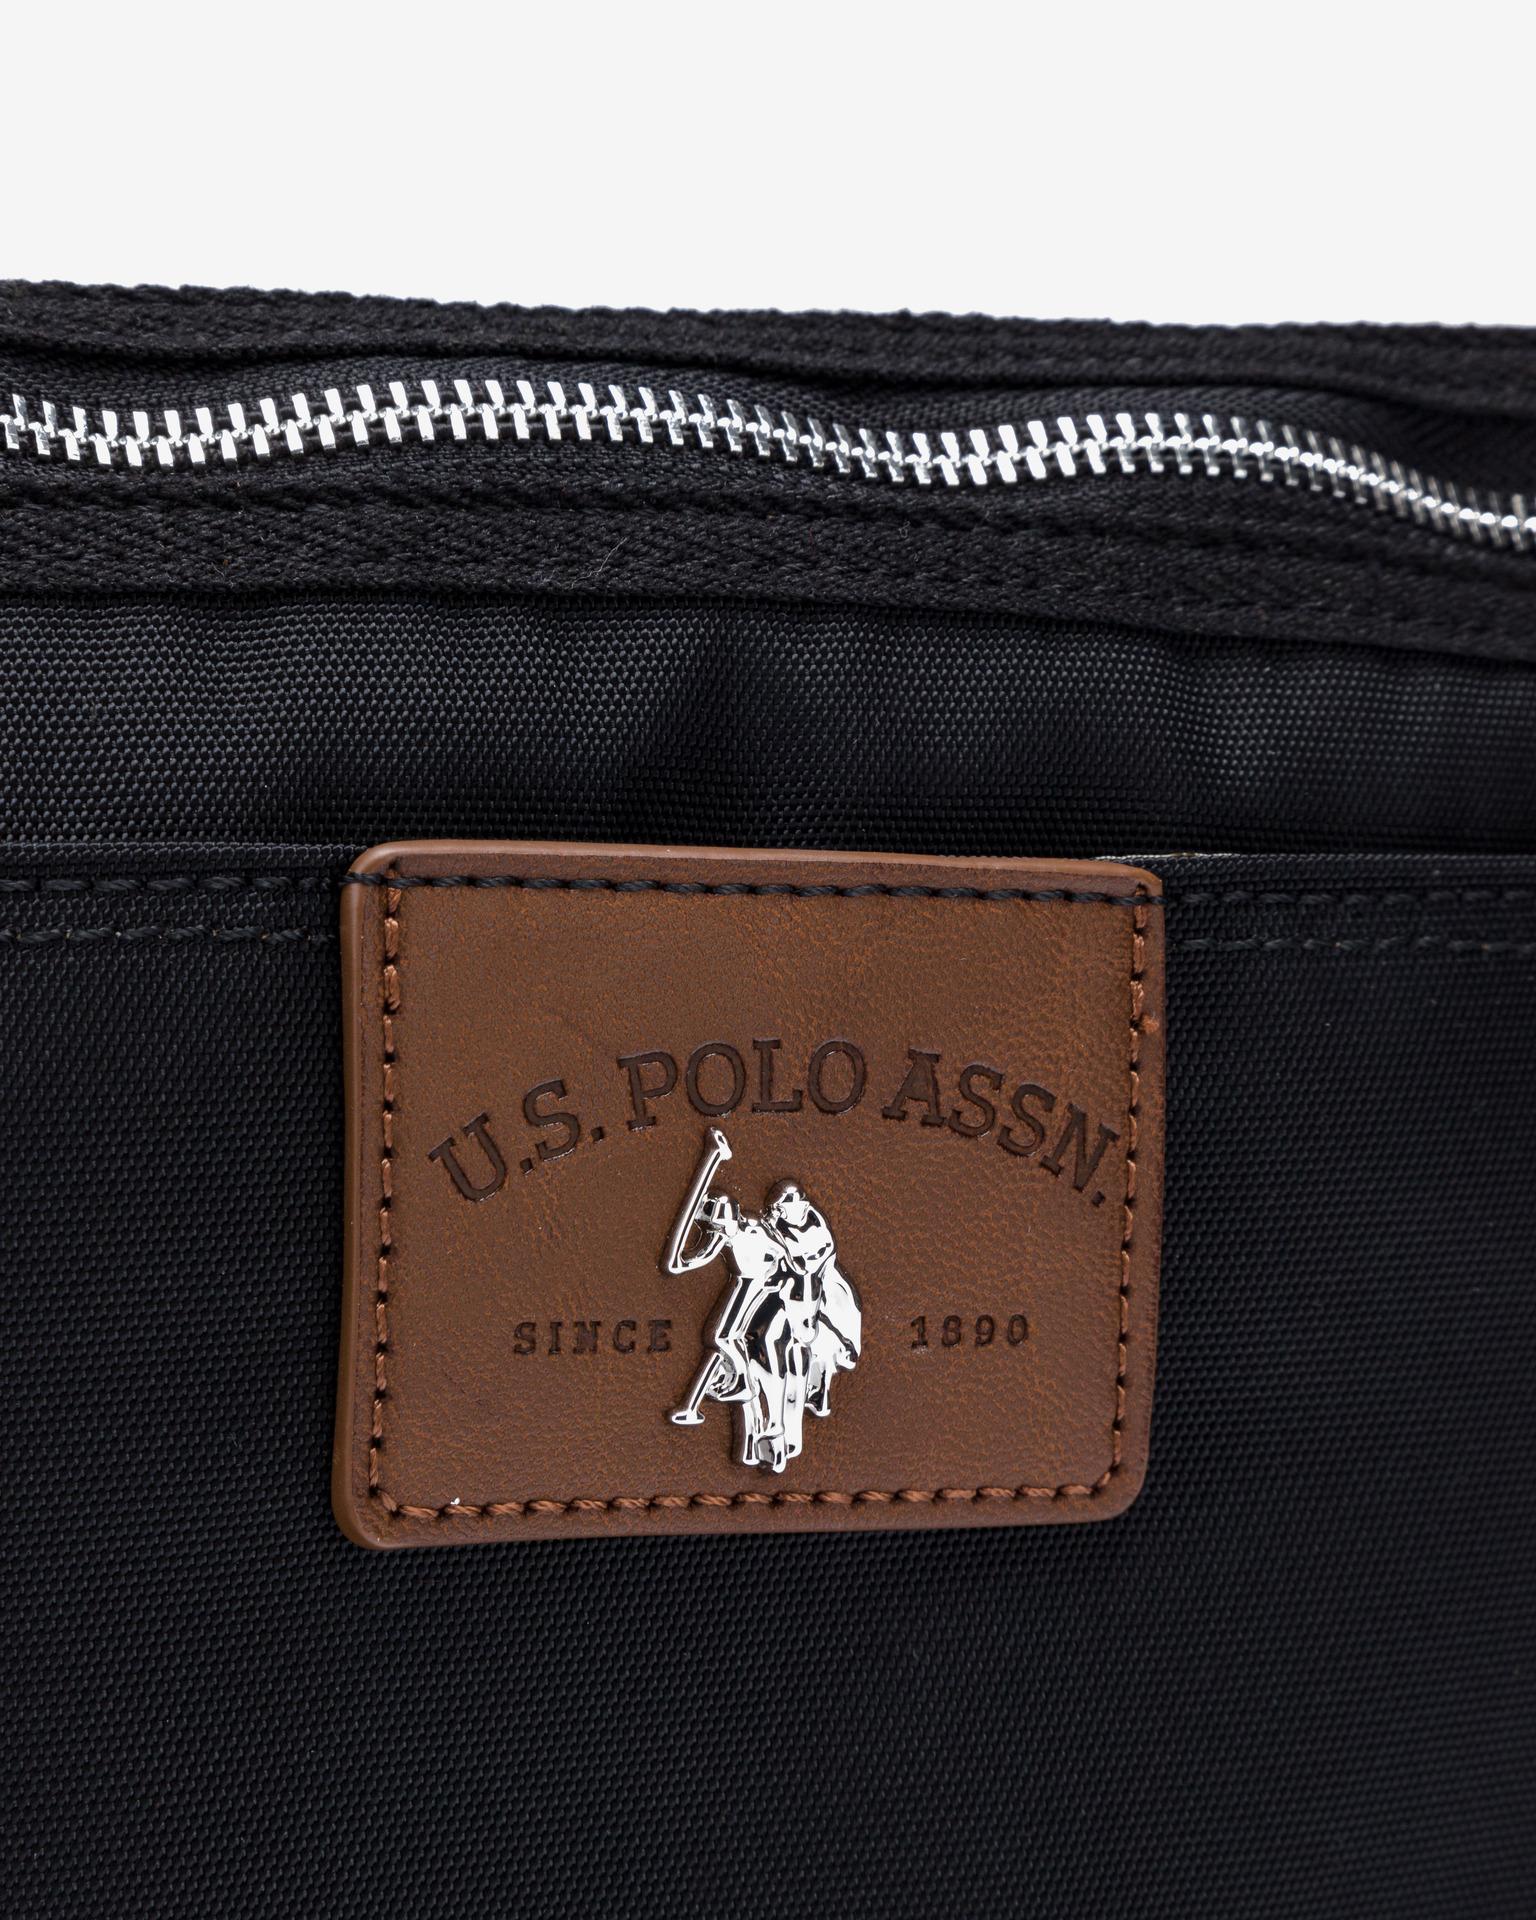 U.S. Polo Assn. Borsetta donna nero  U.S.